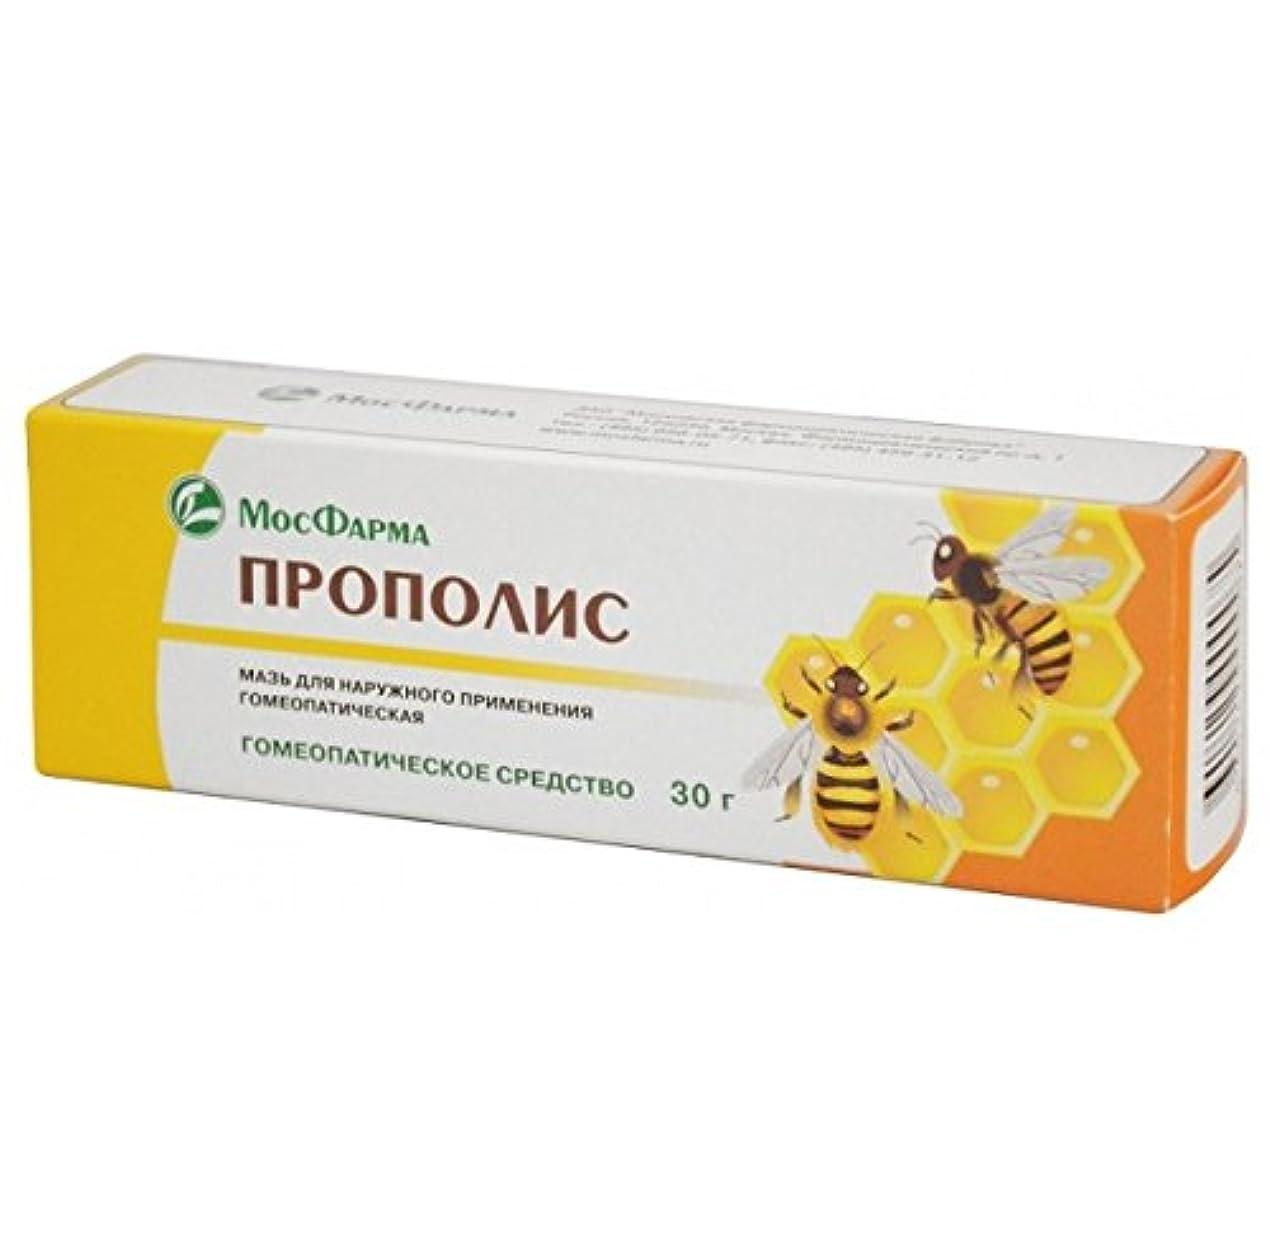 メンターエイリアス驚かすPropolis ointment 30gr. プロポリス軟膏